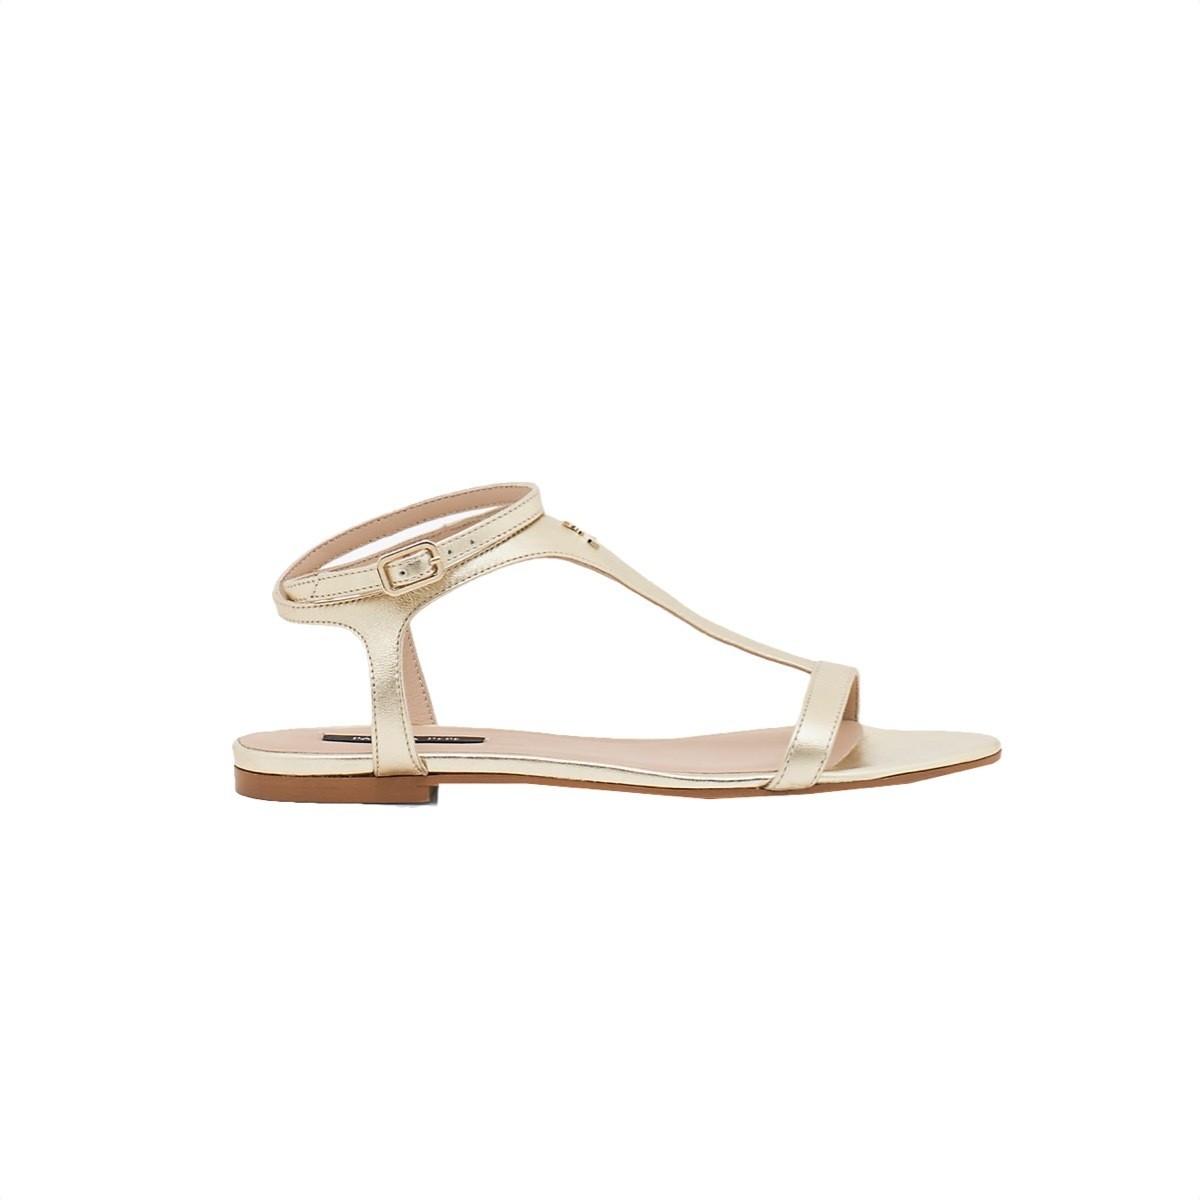 PATRIZIA PEPE - Sandalo in Pelle laminata - Platinum